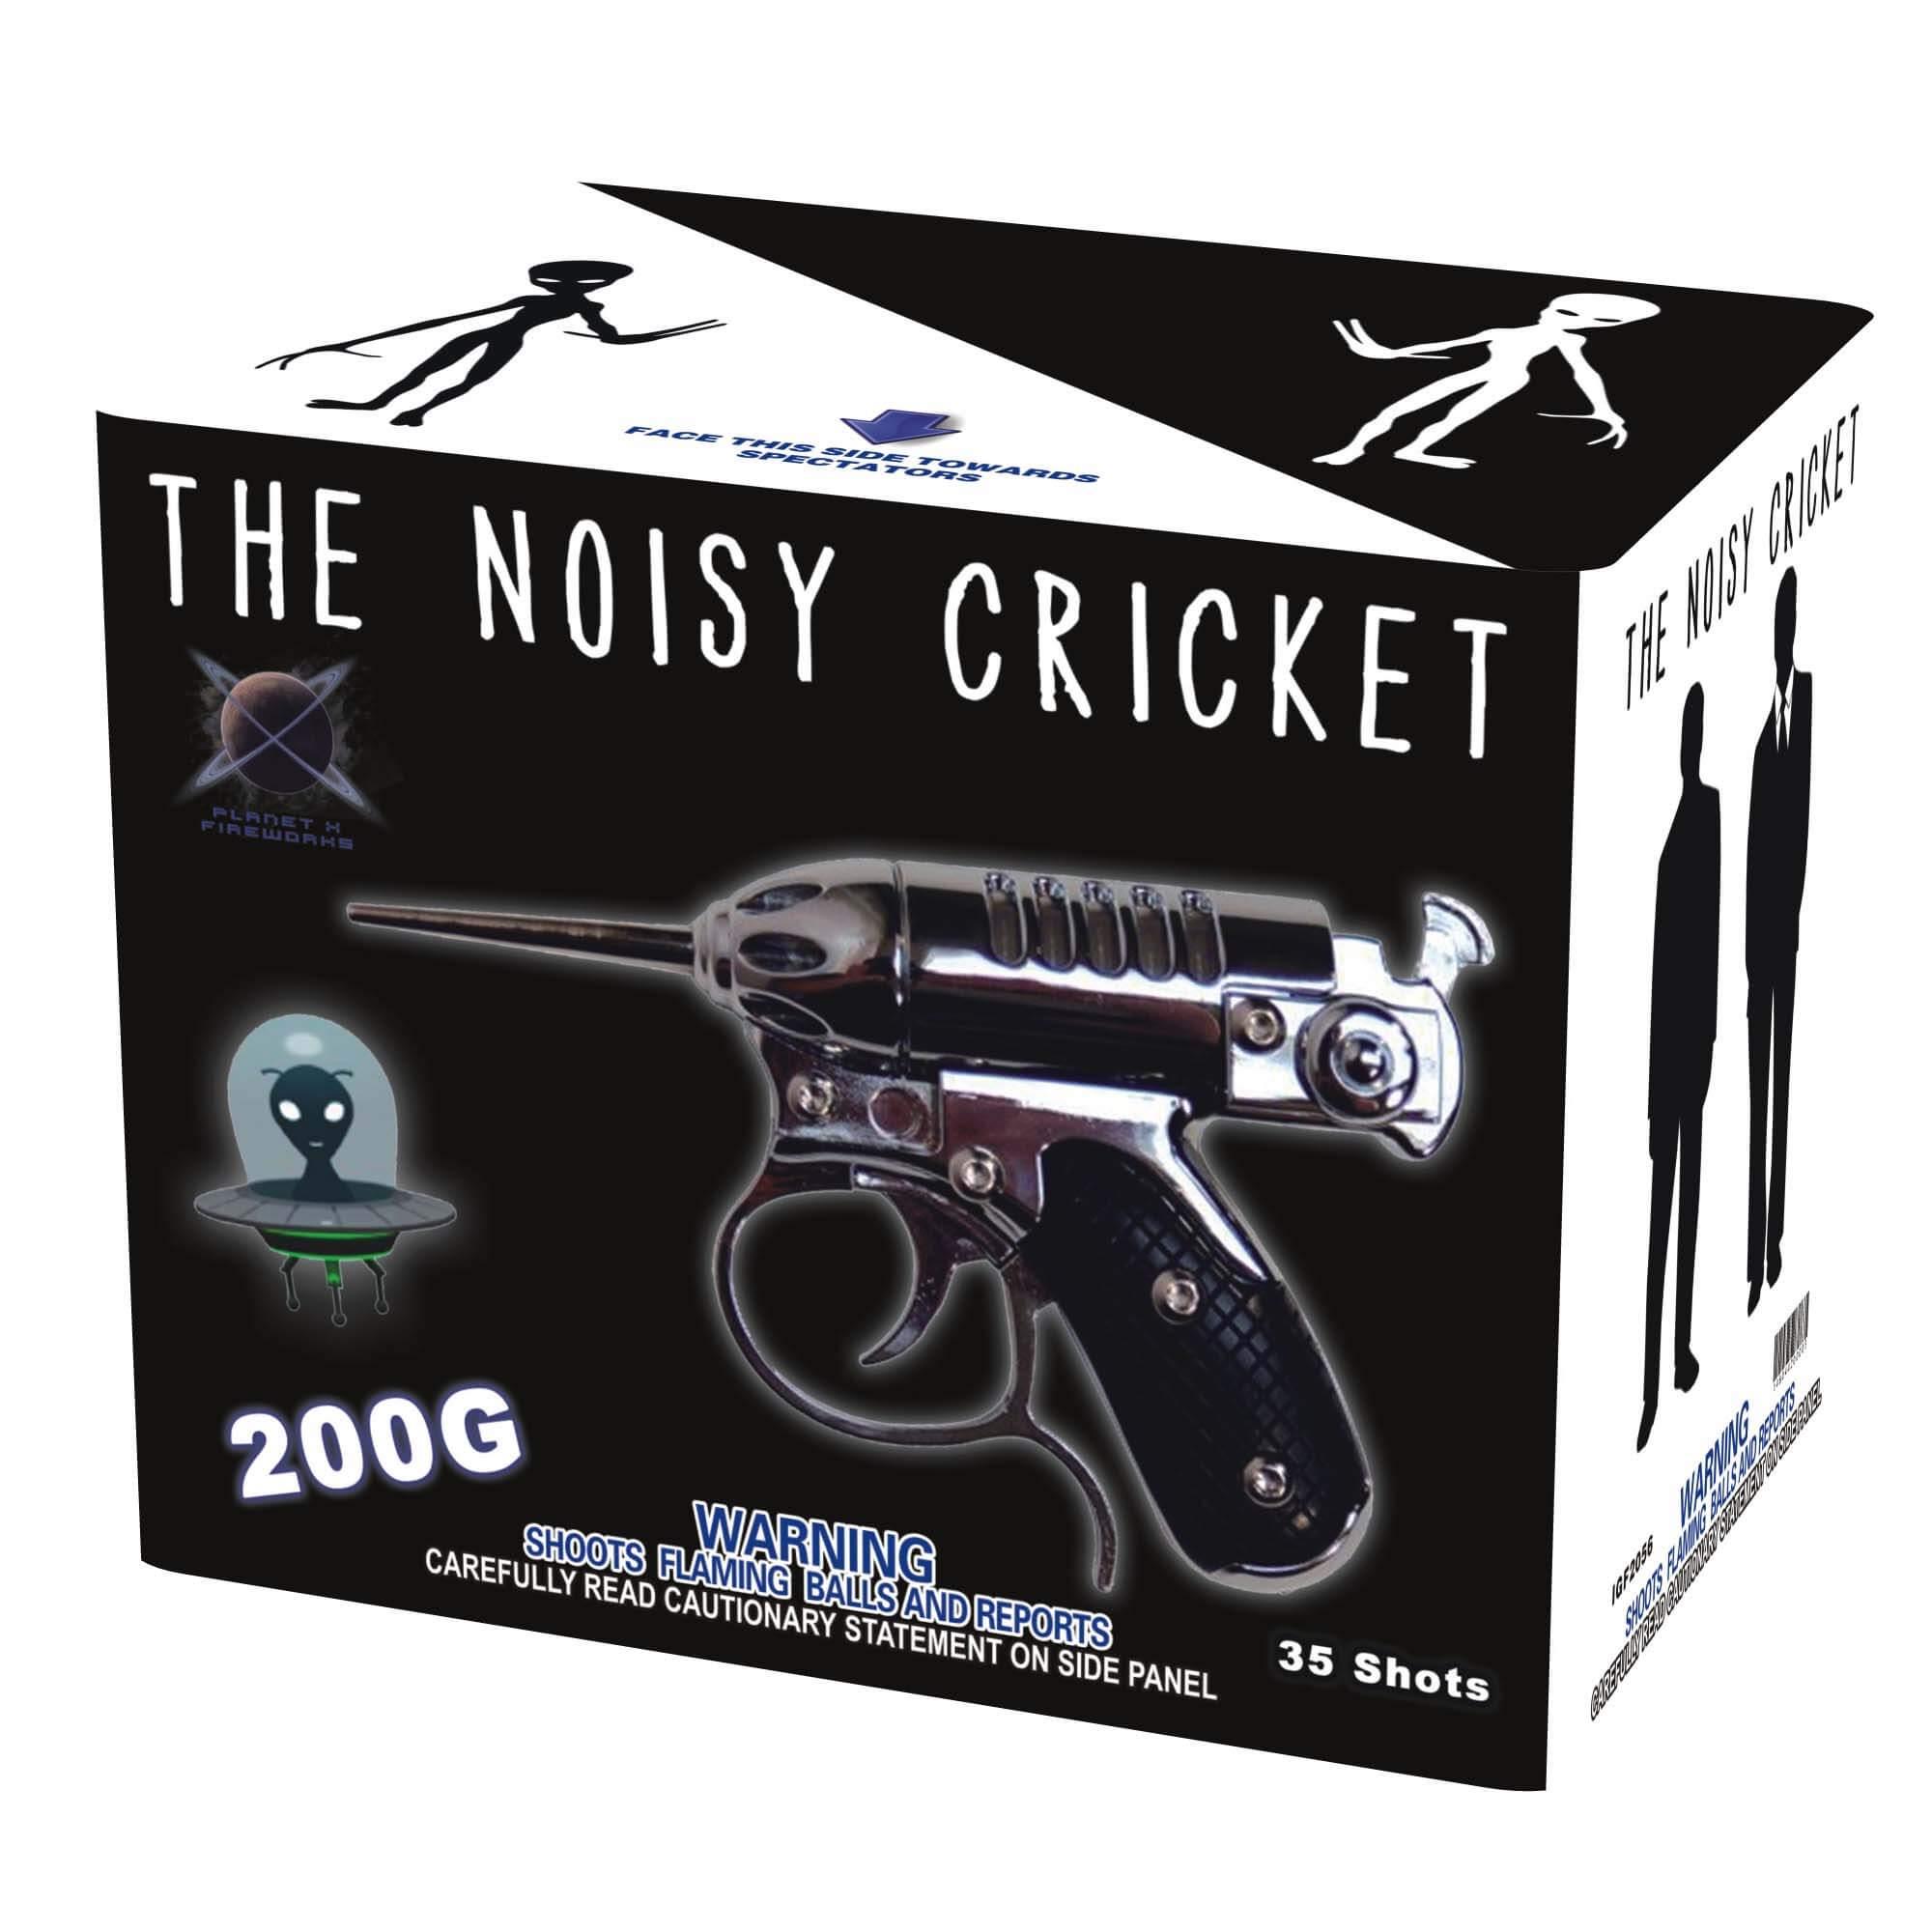 The Noisy Cricket